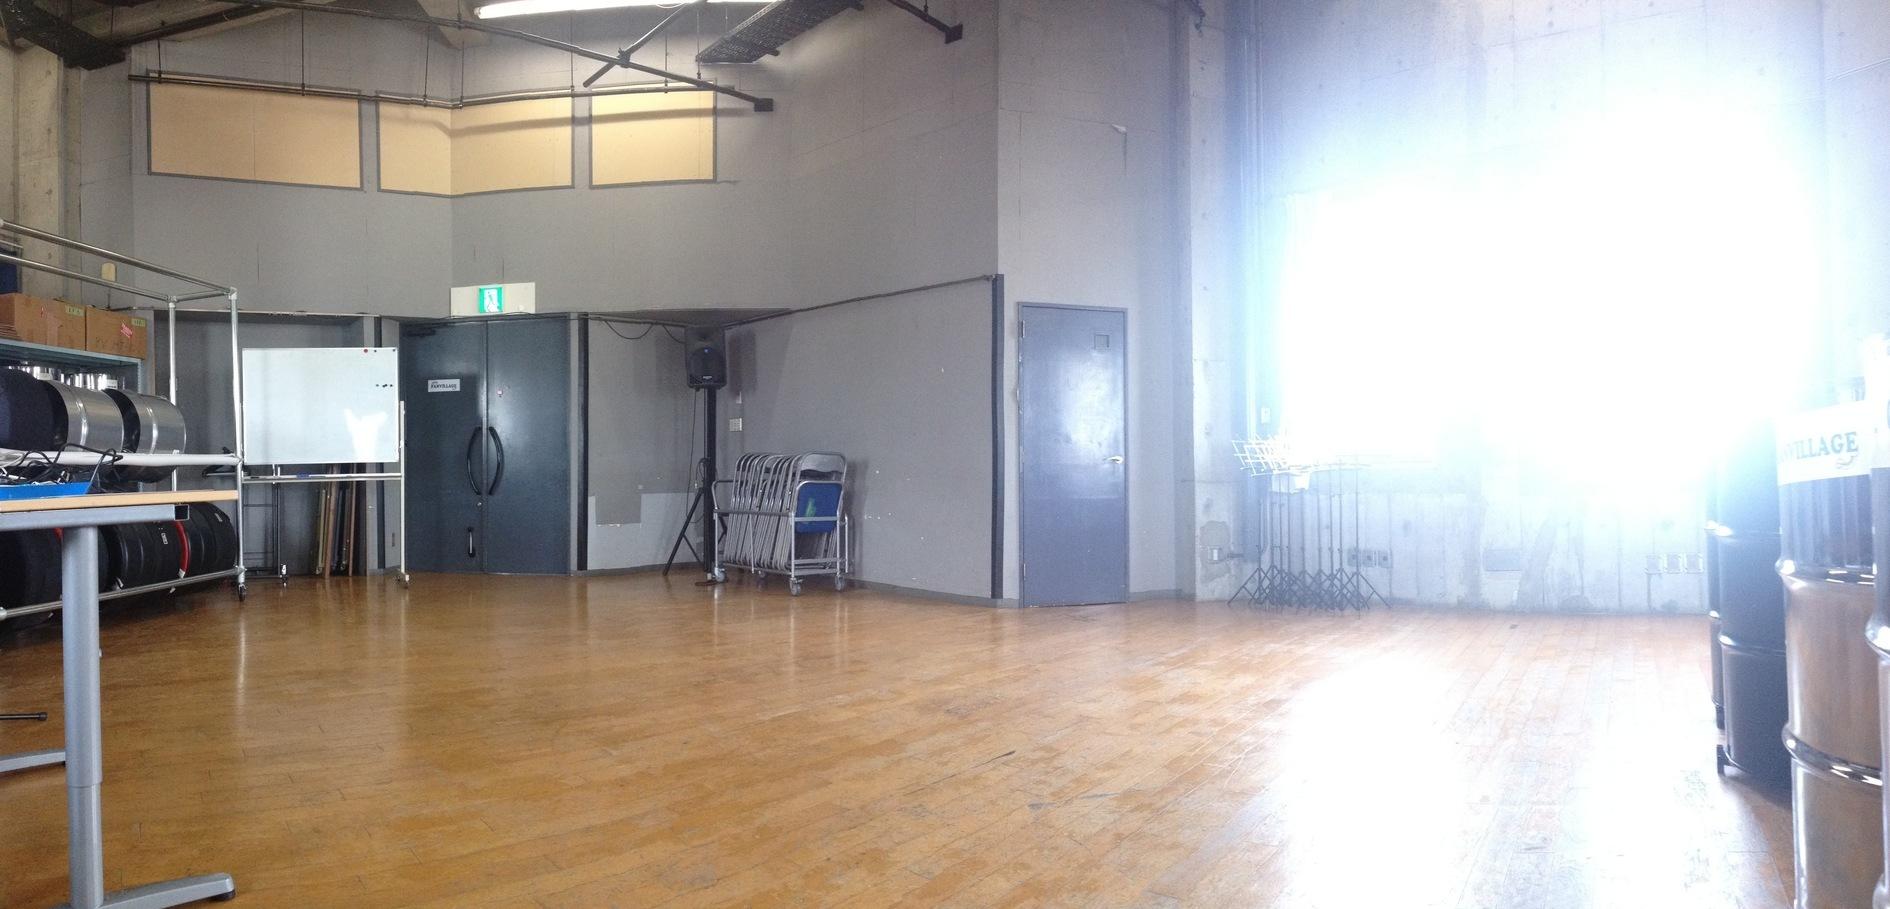 防音完備の広いスタジオ!、楽器、ダンス、演劇などの練習やレッスン、イベントや発表会などに(防音完備の広いスタジオ!楽器練習、レッスン、ダンス、演劇、各種教室や発表会などに。) の写真0